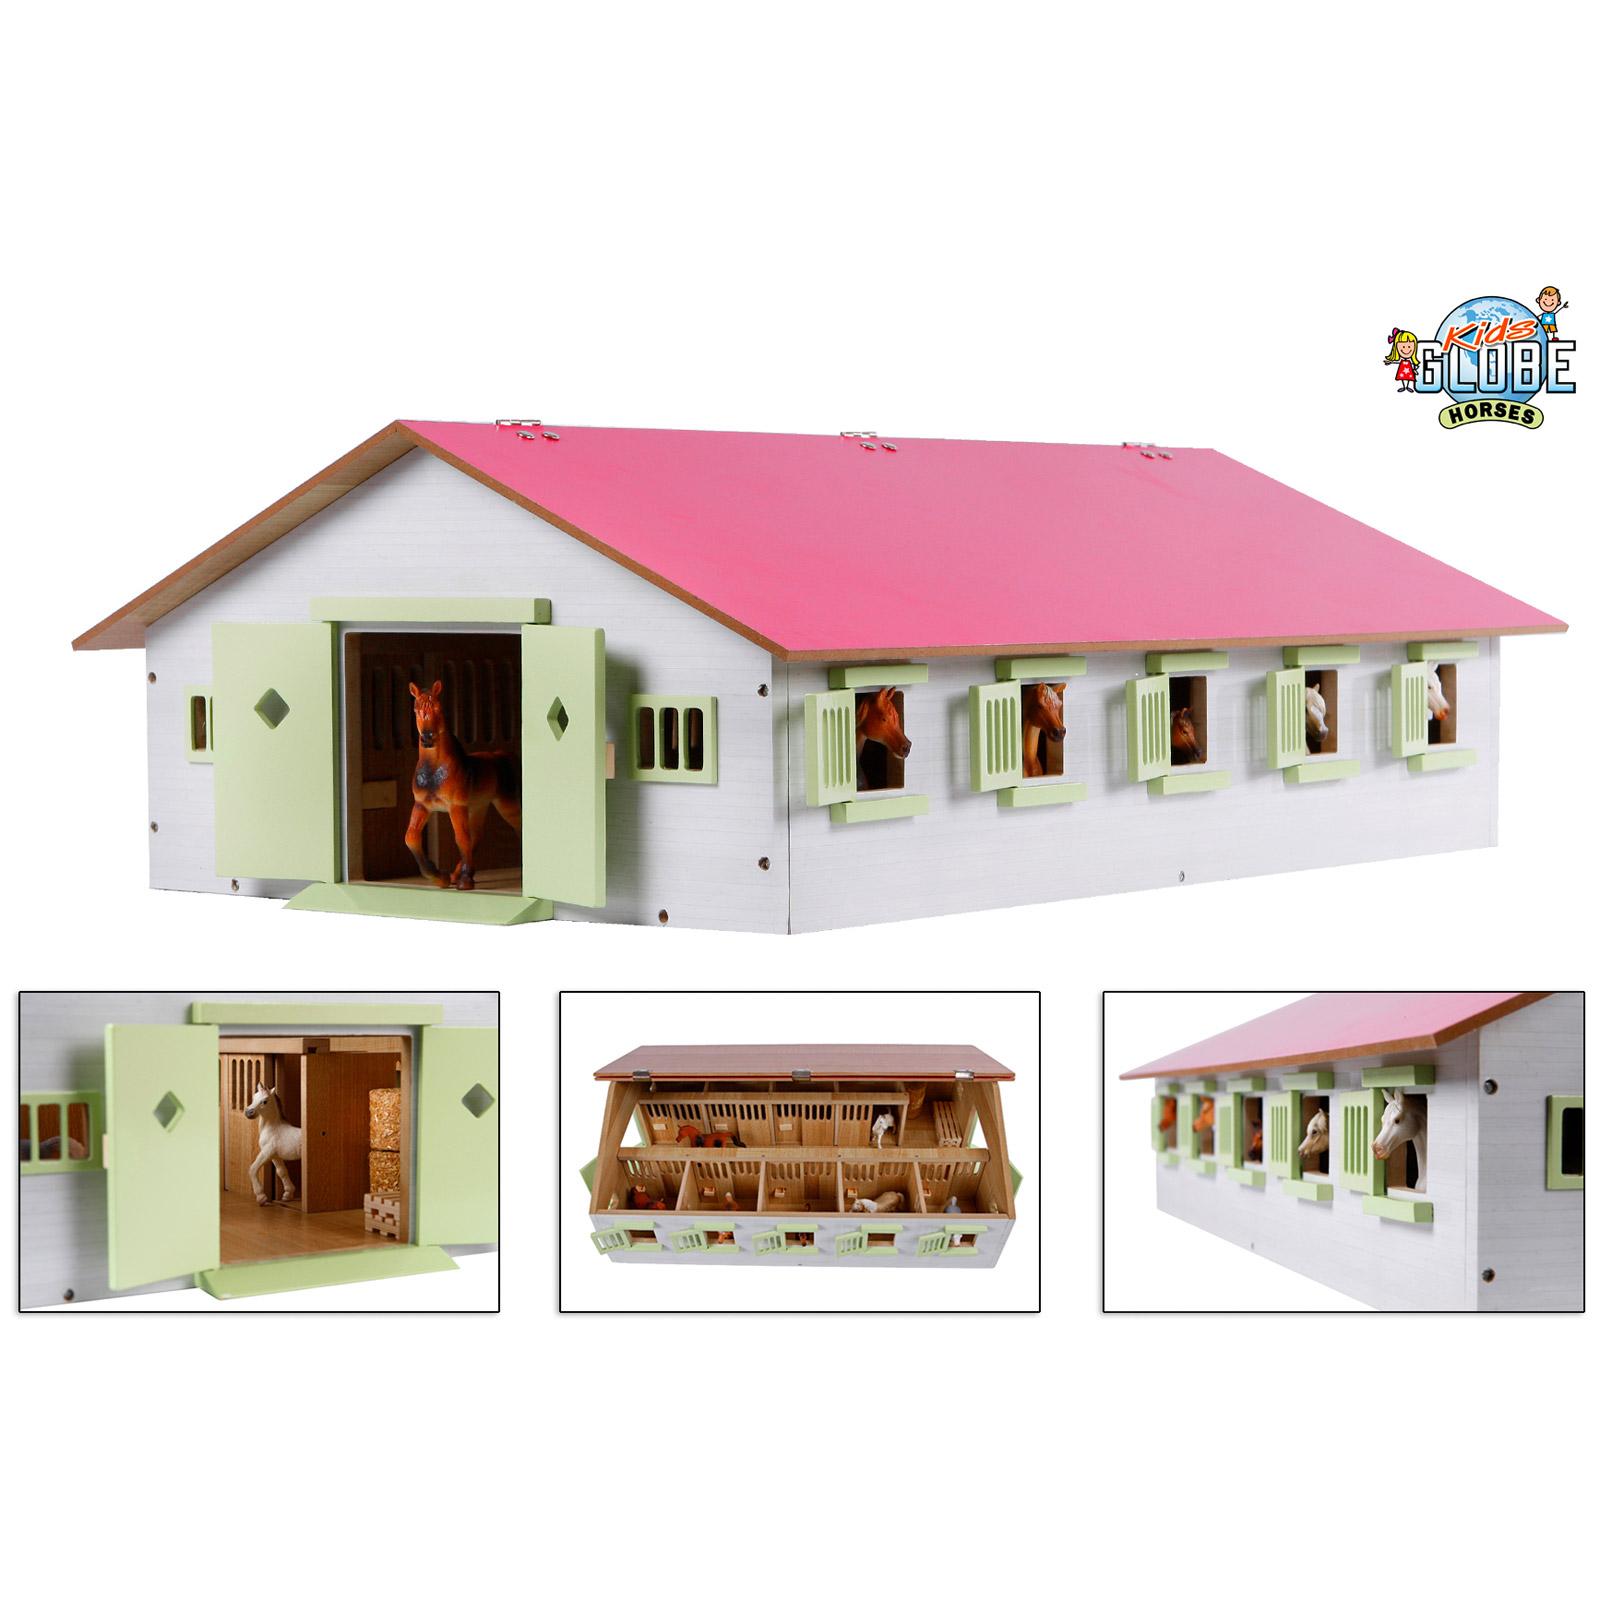 Van Manen Kids Globe Pferdestall Bauernhof rosa 1:32 mit 9 Pferdeboxen 12434